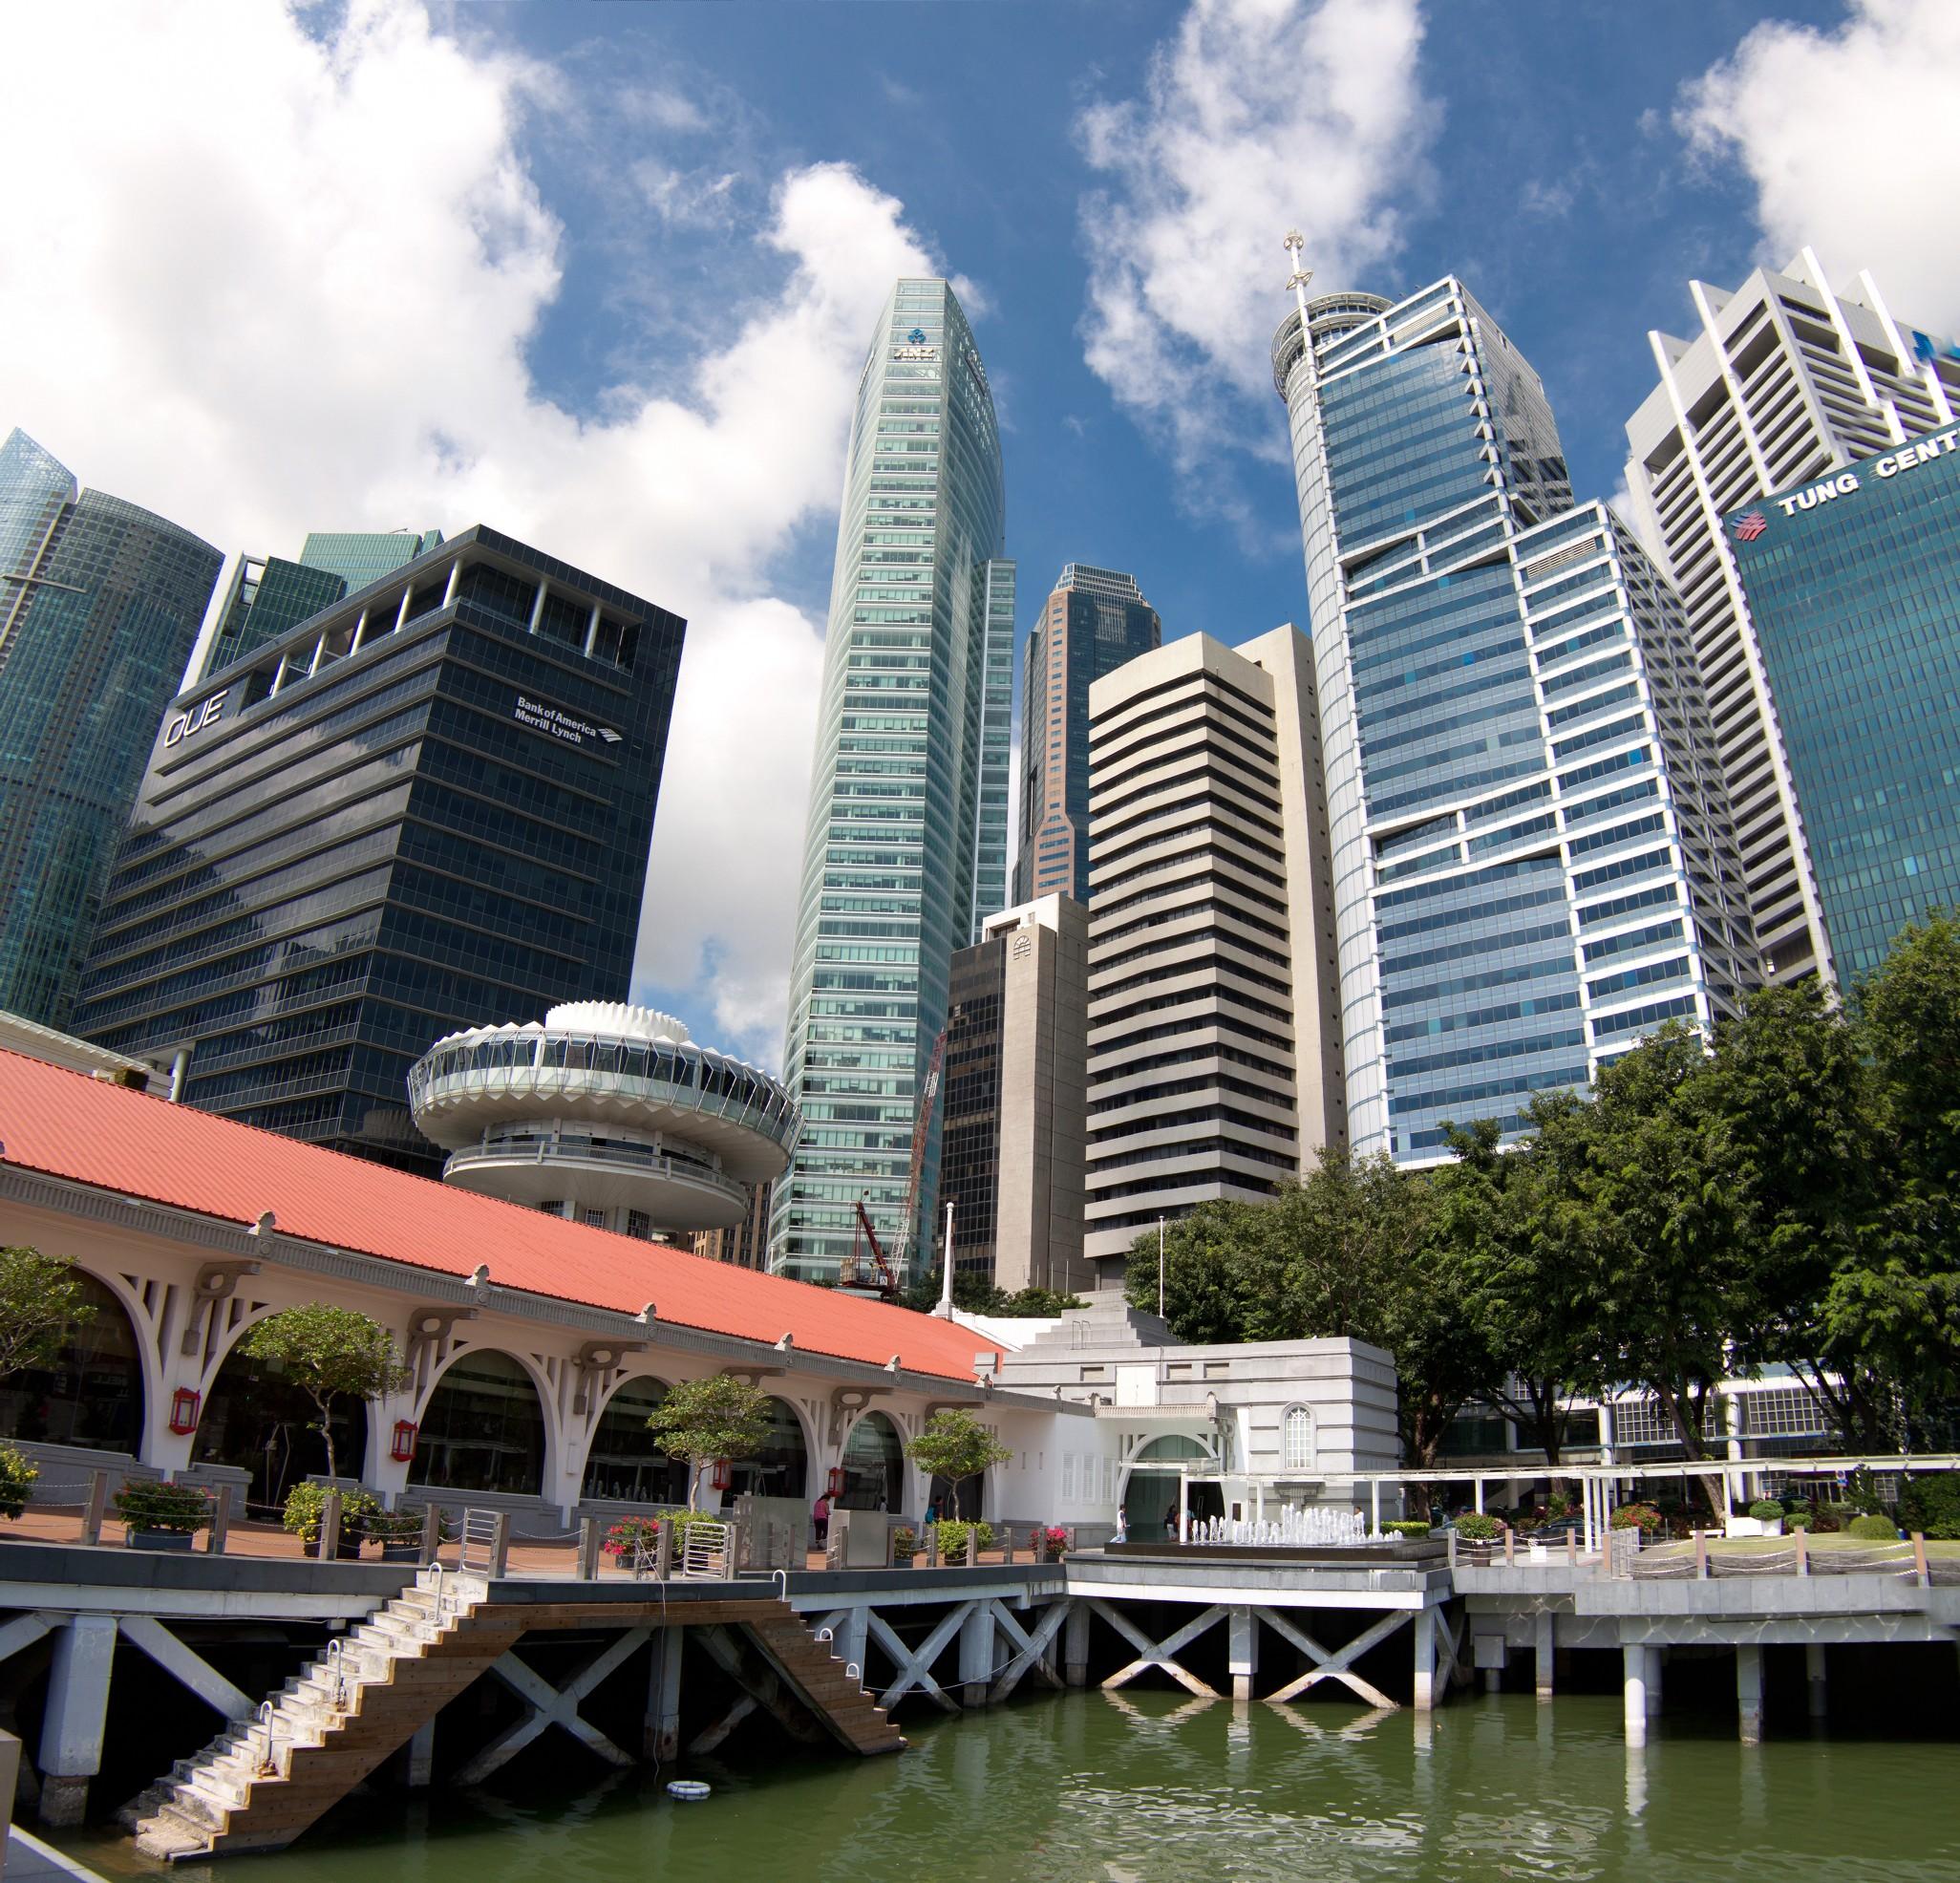 Singapore_filvarkiv.com_